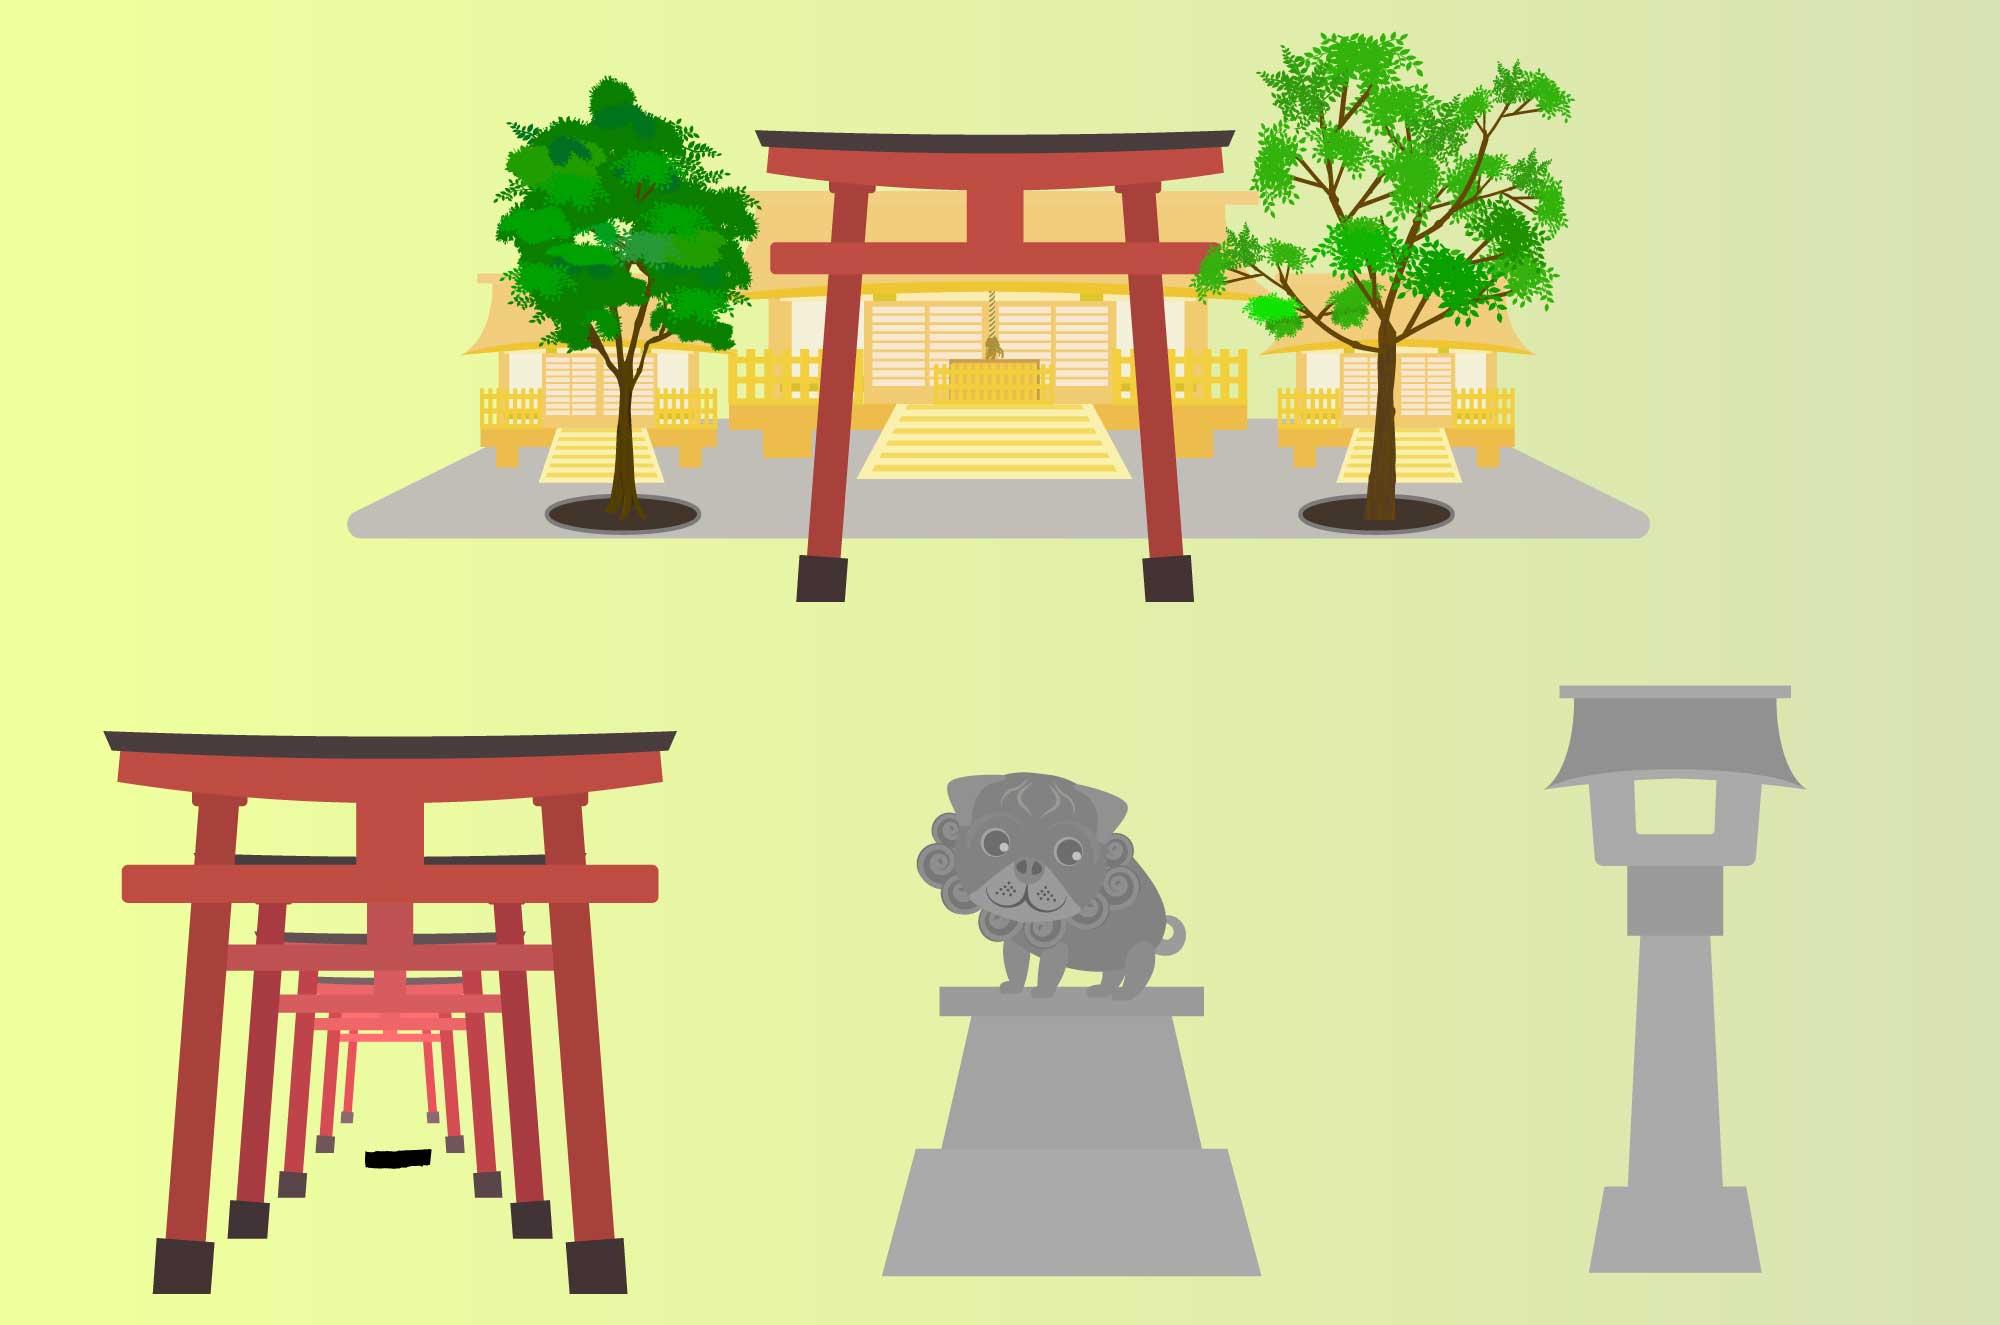 神社イラスト - 無料の境内・鳥居の建物フリー素材